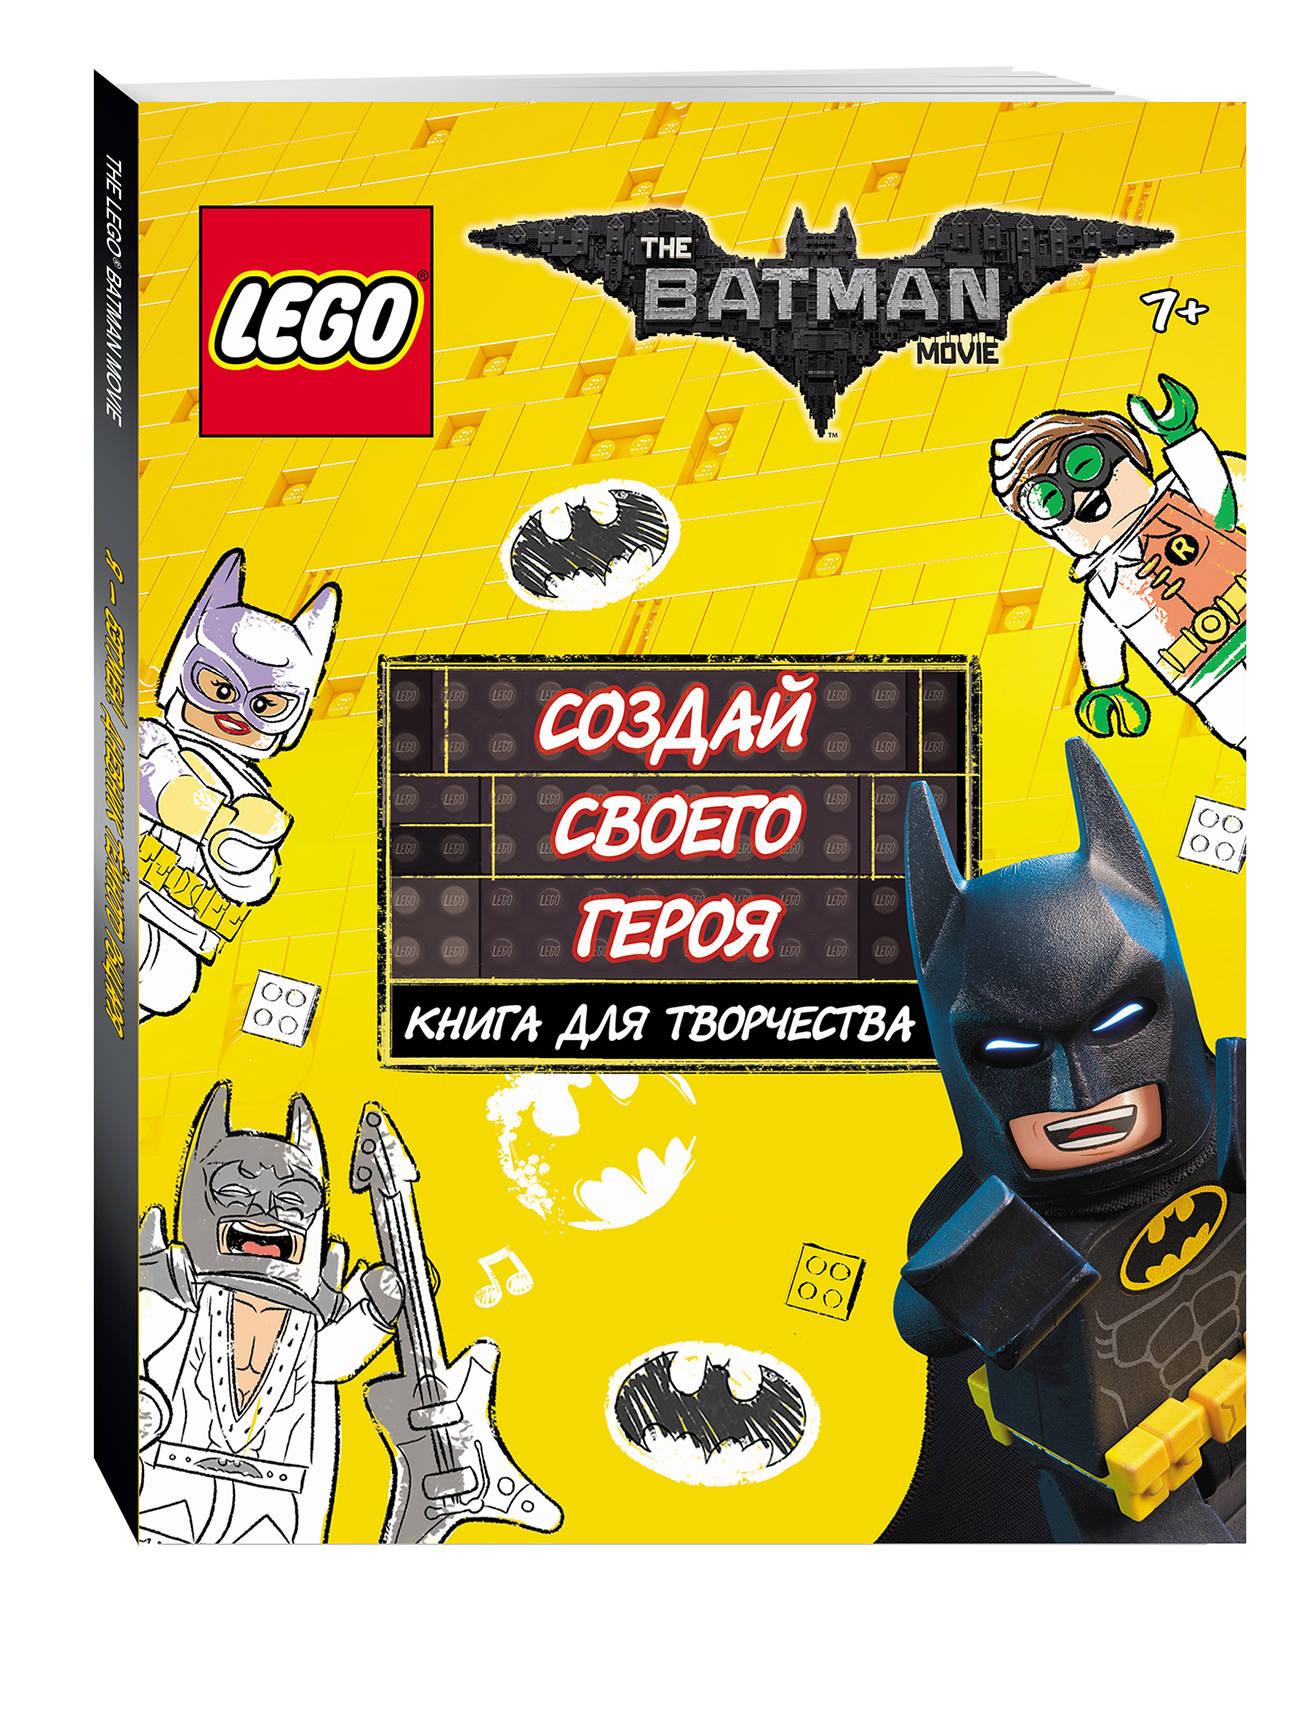 LEGO Batman Movie. Создай своего героя. Книга для творчества цветкова н пер lego batman movie создай своего героя книга для творчества